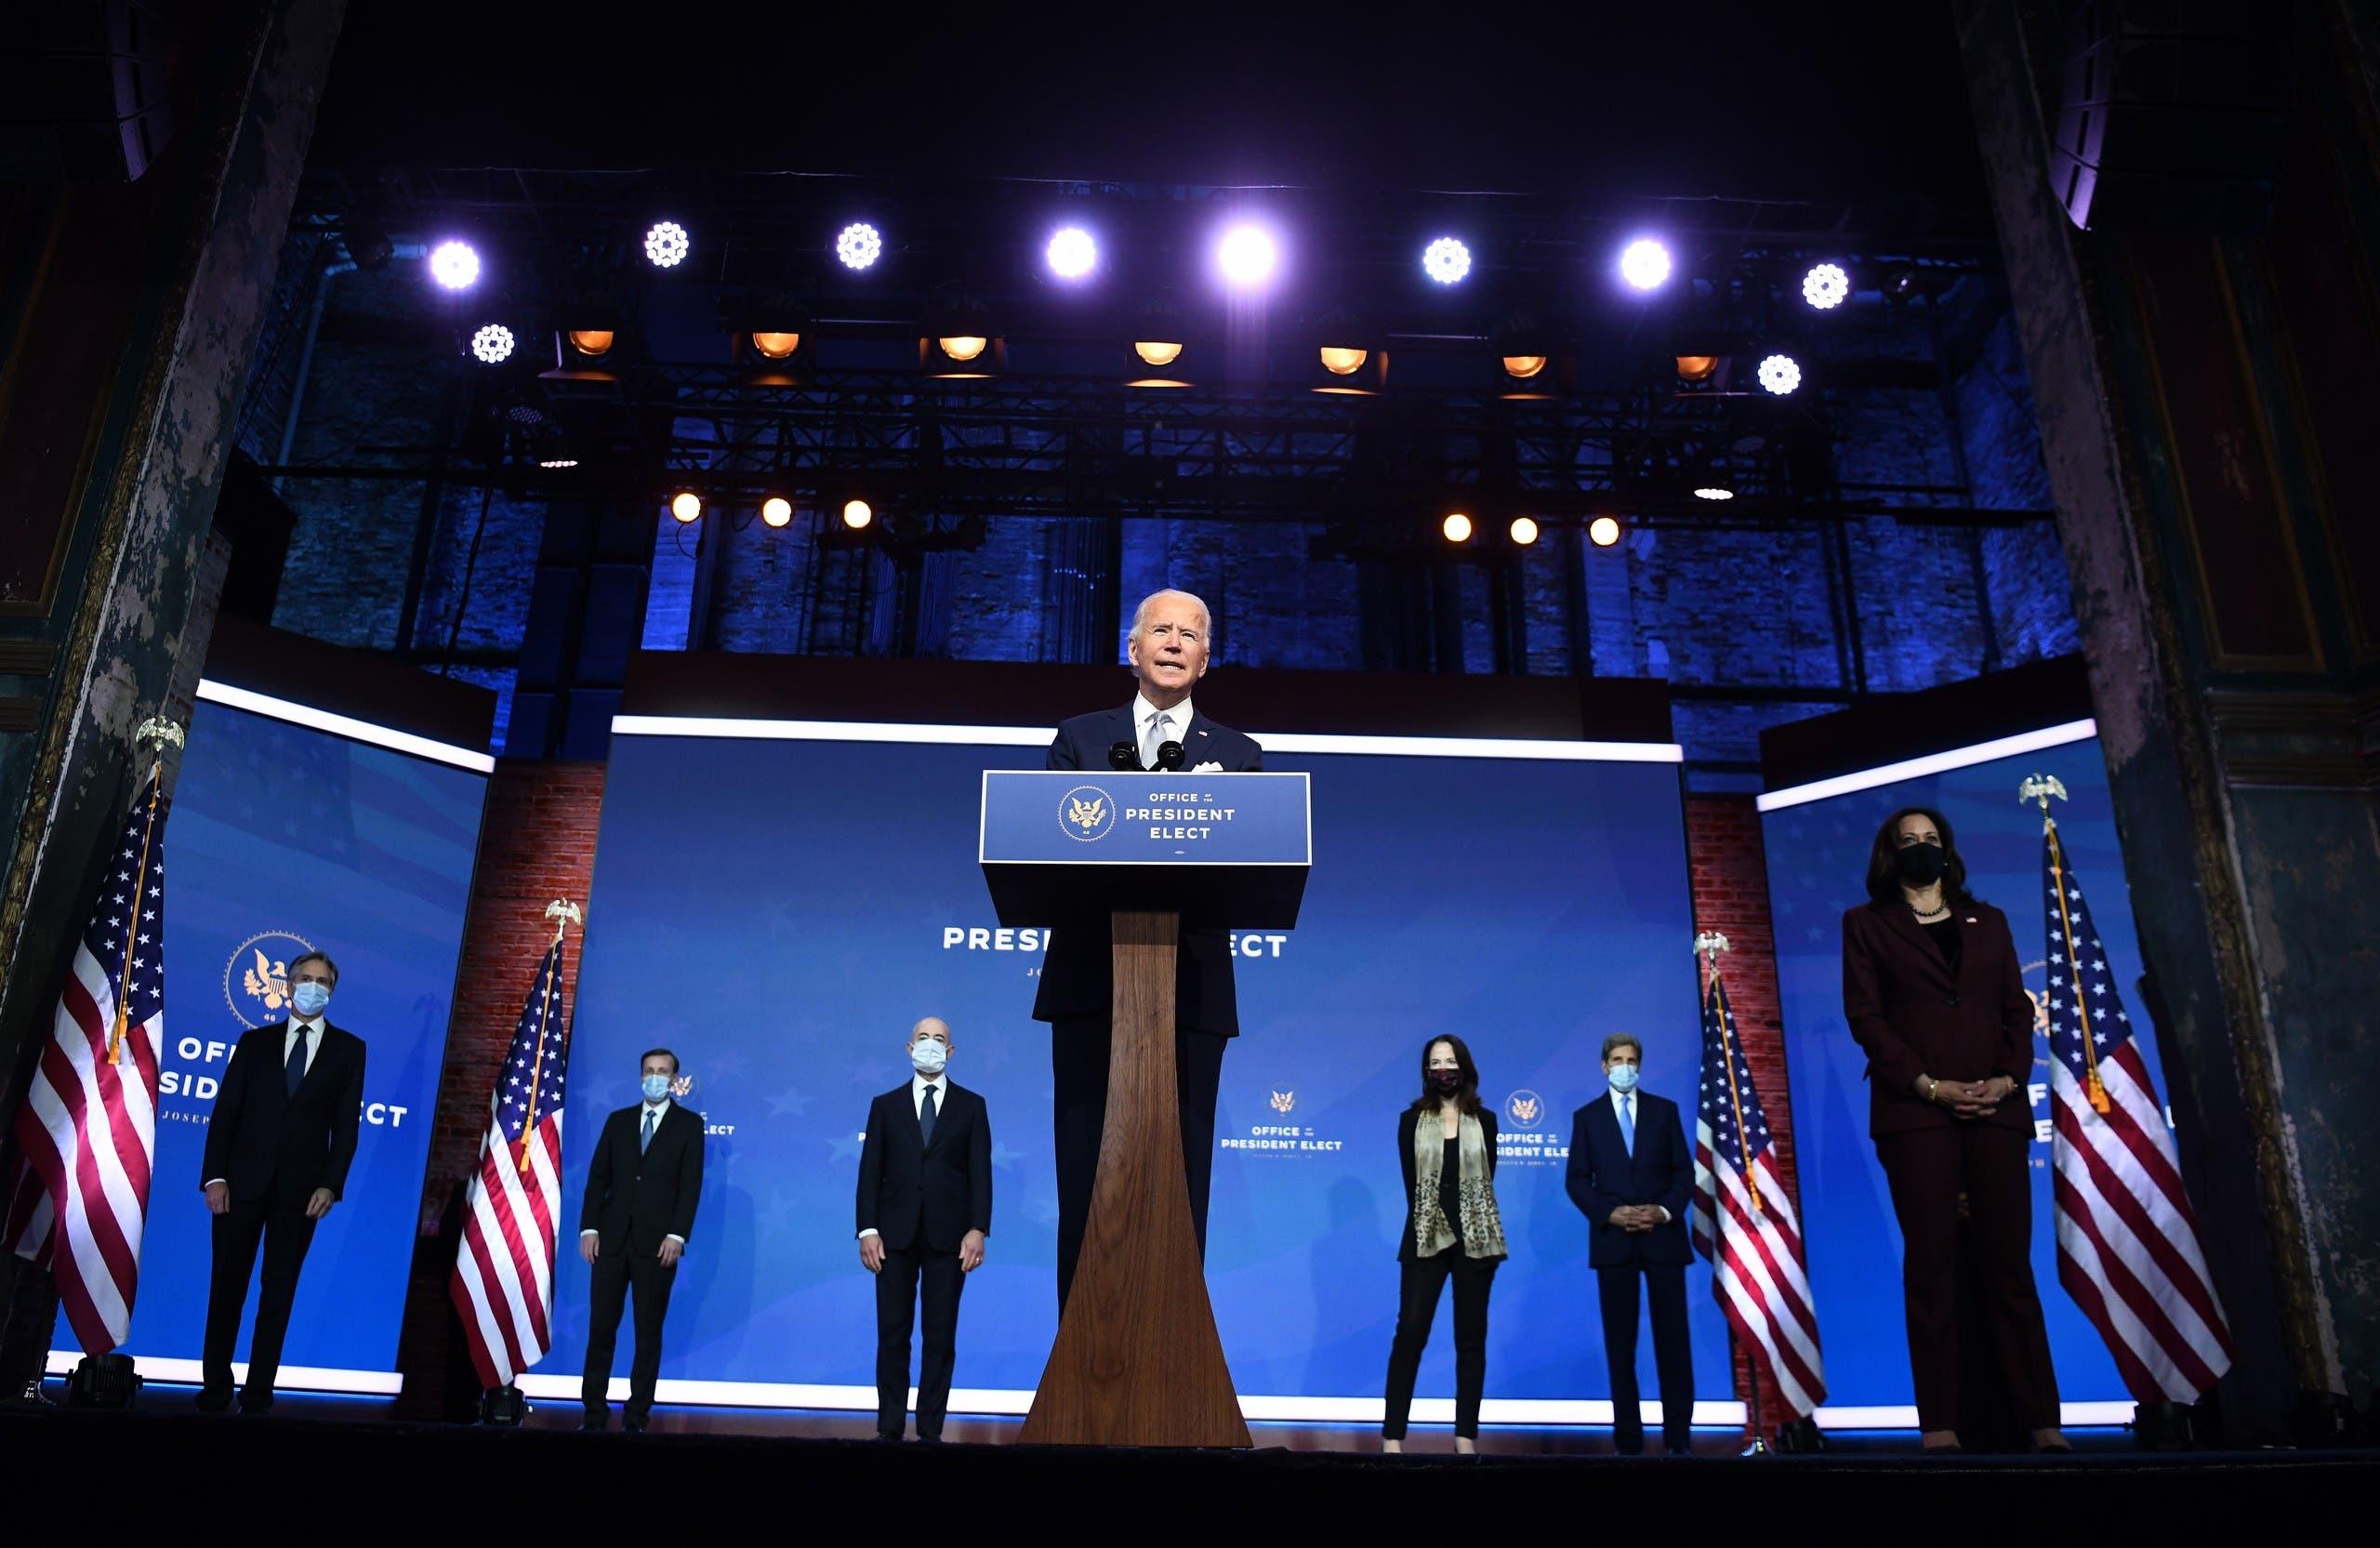 بايدن خلال إعلانه عن فريقه للأمن والسياسة الخارجية في 24 نوفمبر